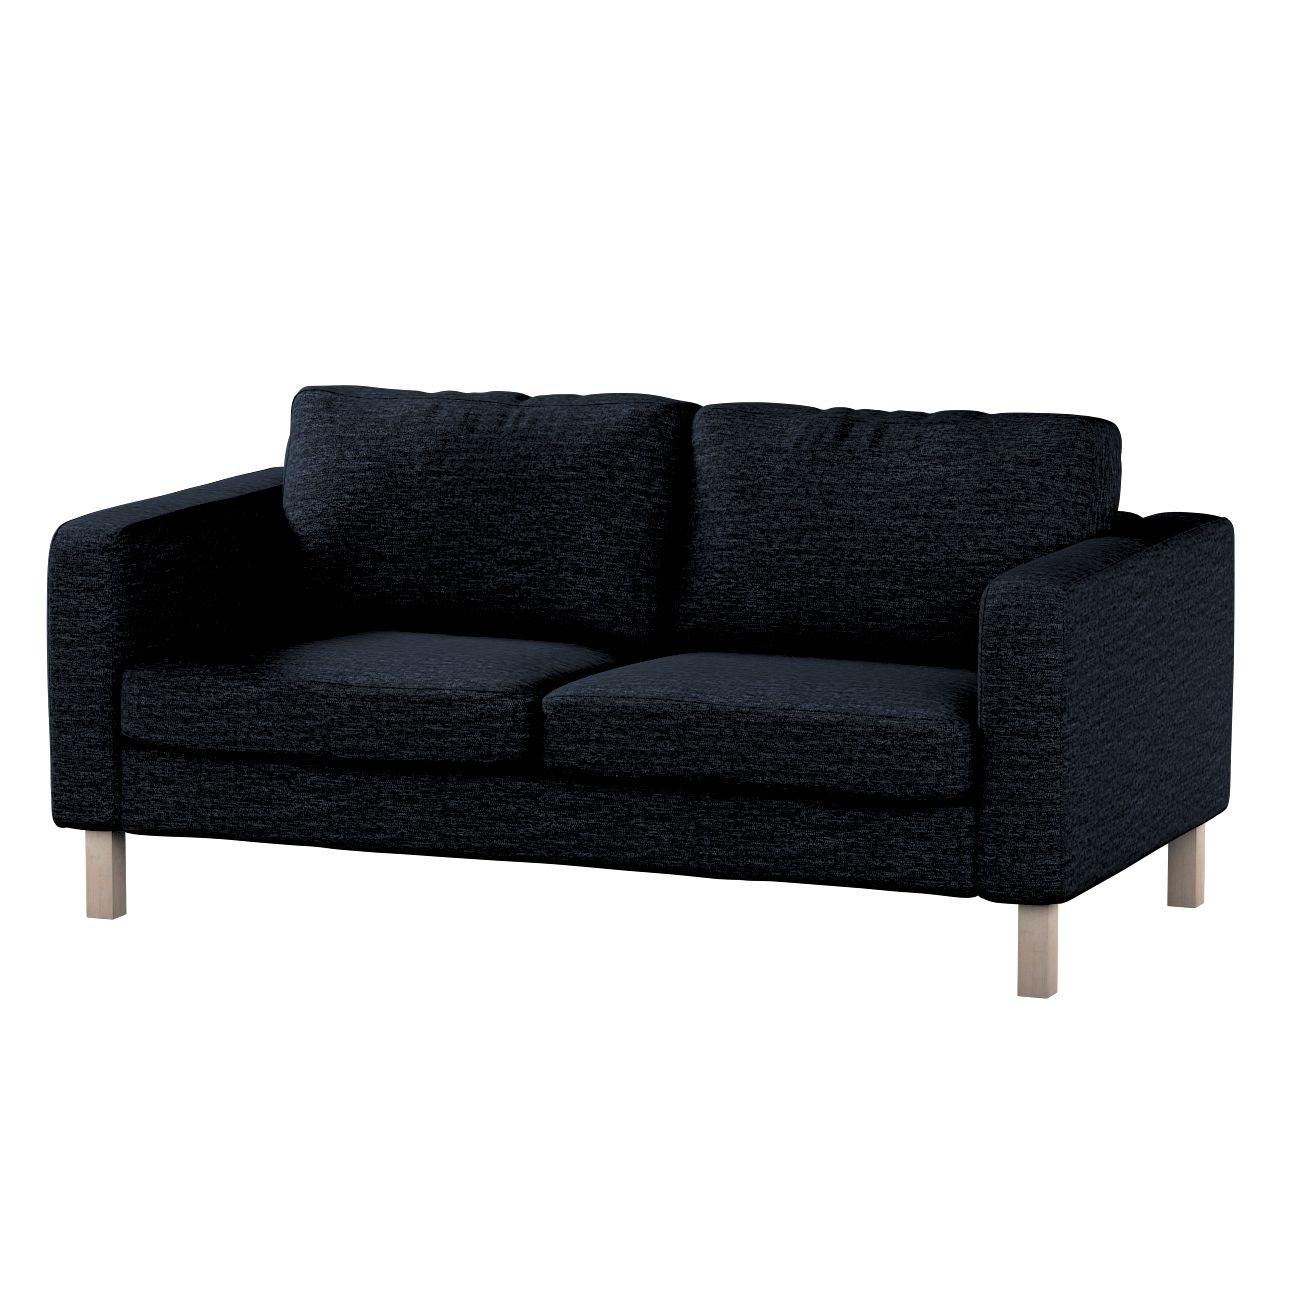 Full Size of Sofa Bezug P337 Tom Tailor De Sede Dauerschläfer Inhofer L Form Grün Poco Big Rund Samt Chesterfield Günstig Leder Günstige 3er Grau Kleines Wohnzimmer Sofa Sofa Bezug